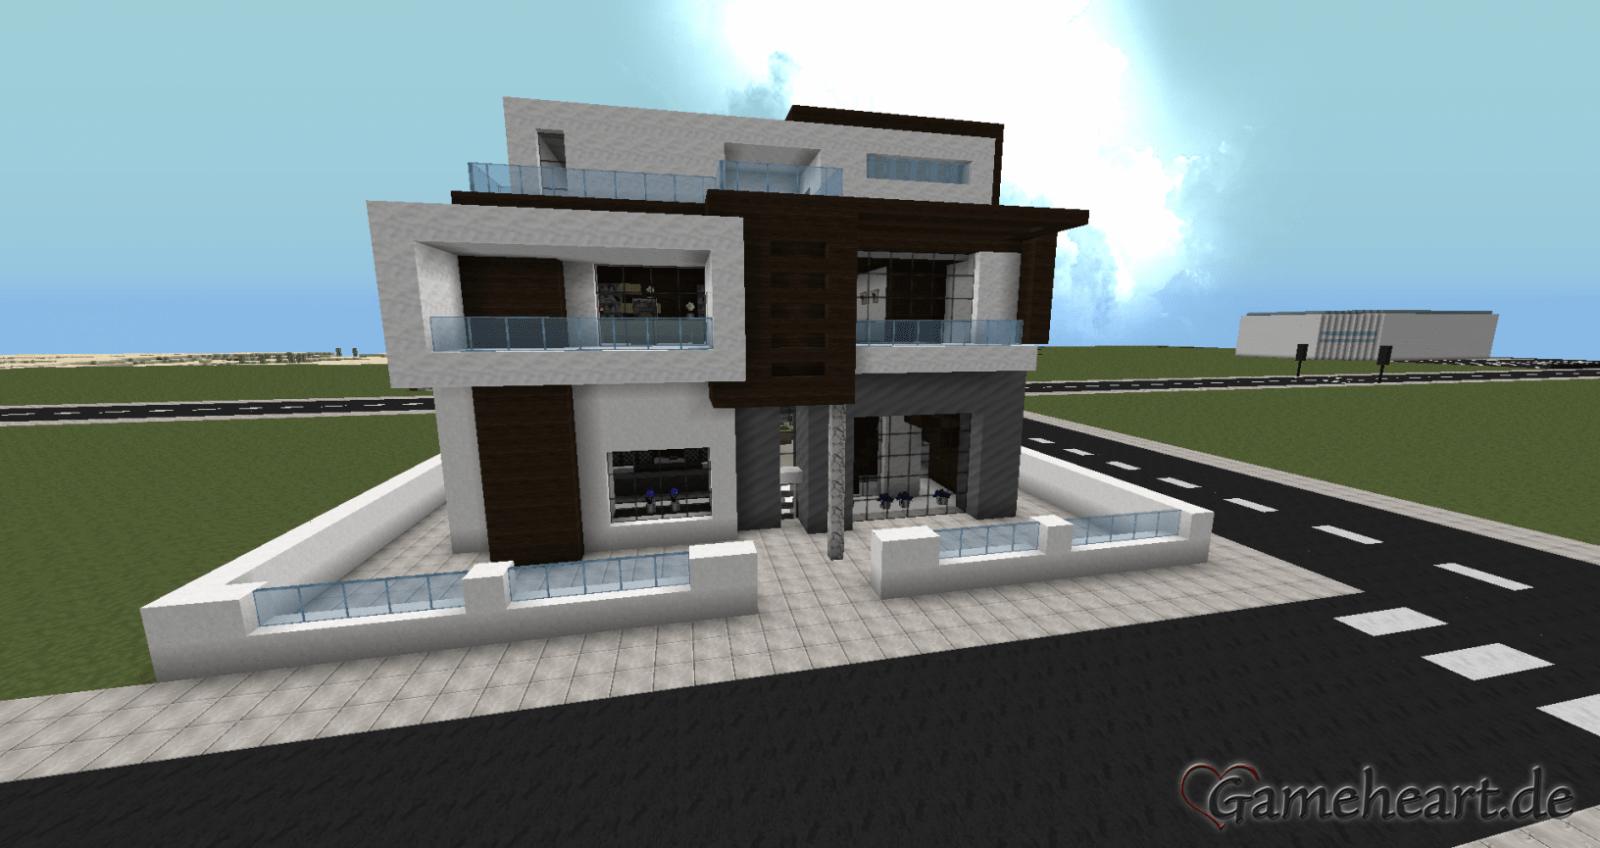 Bild Von Minecraft Häuser Modern Minecraft Haus Bauen Modernes Avec von Minecraft Häuser Modern Bauplan Bild